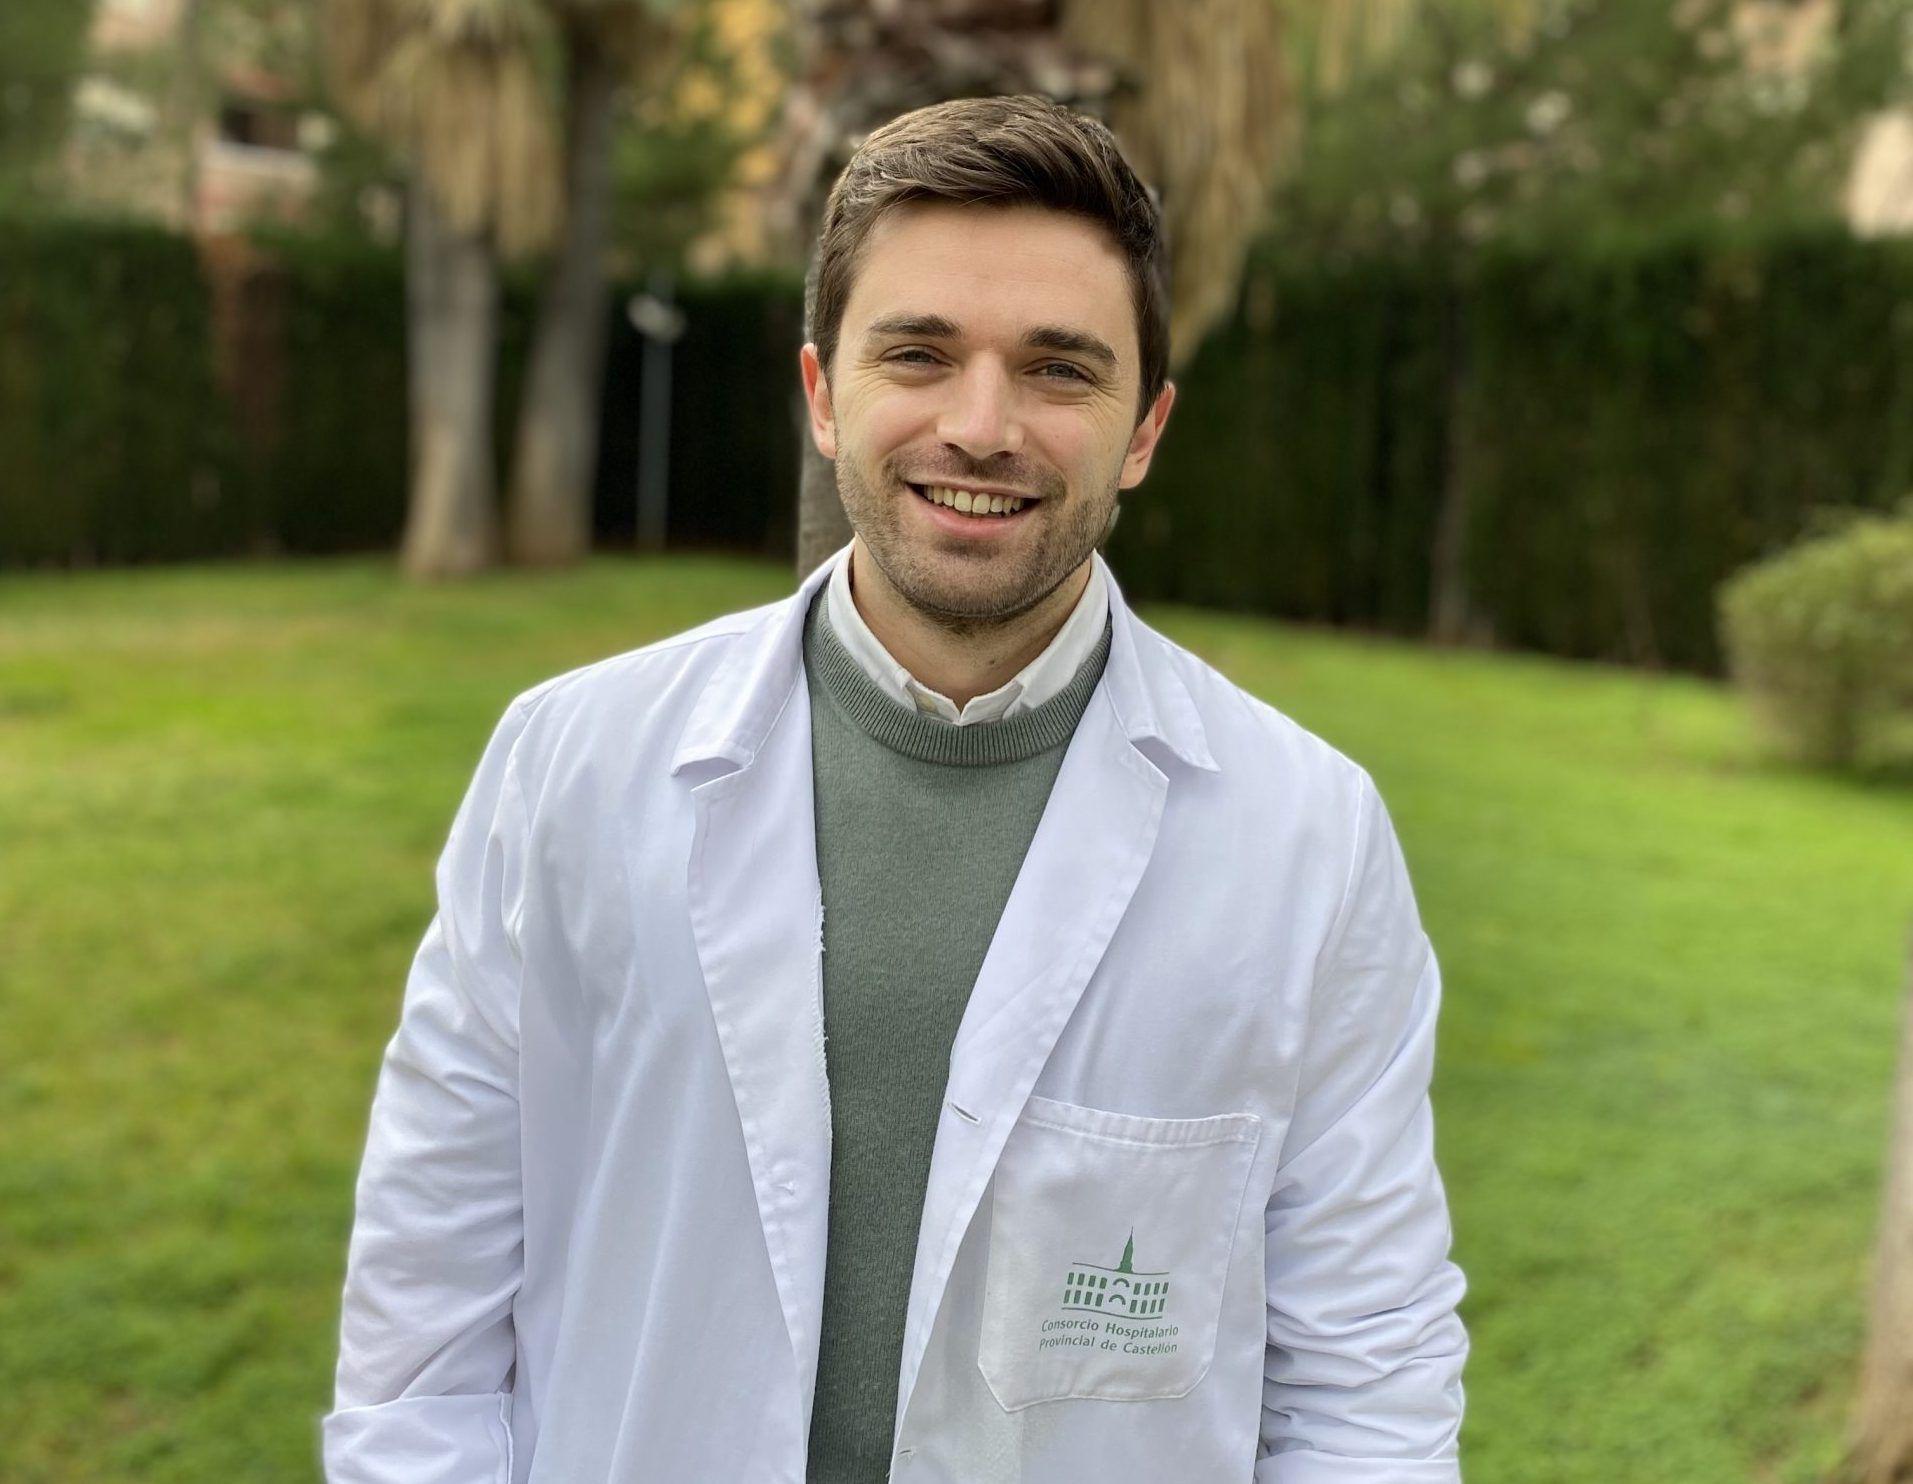 La investigación publicada en Brain Sciences forma parte de la tesis doctoral de Alejandro Fuertes-Saiz, residente de Psiquiatría de cuarto año en el Hospital Provincial de Castelló y doctorando de la Universidad CEU Cardenal Herrera (CEU UCH).